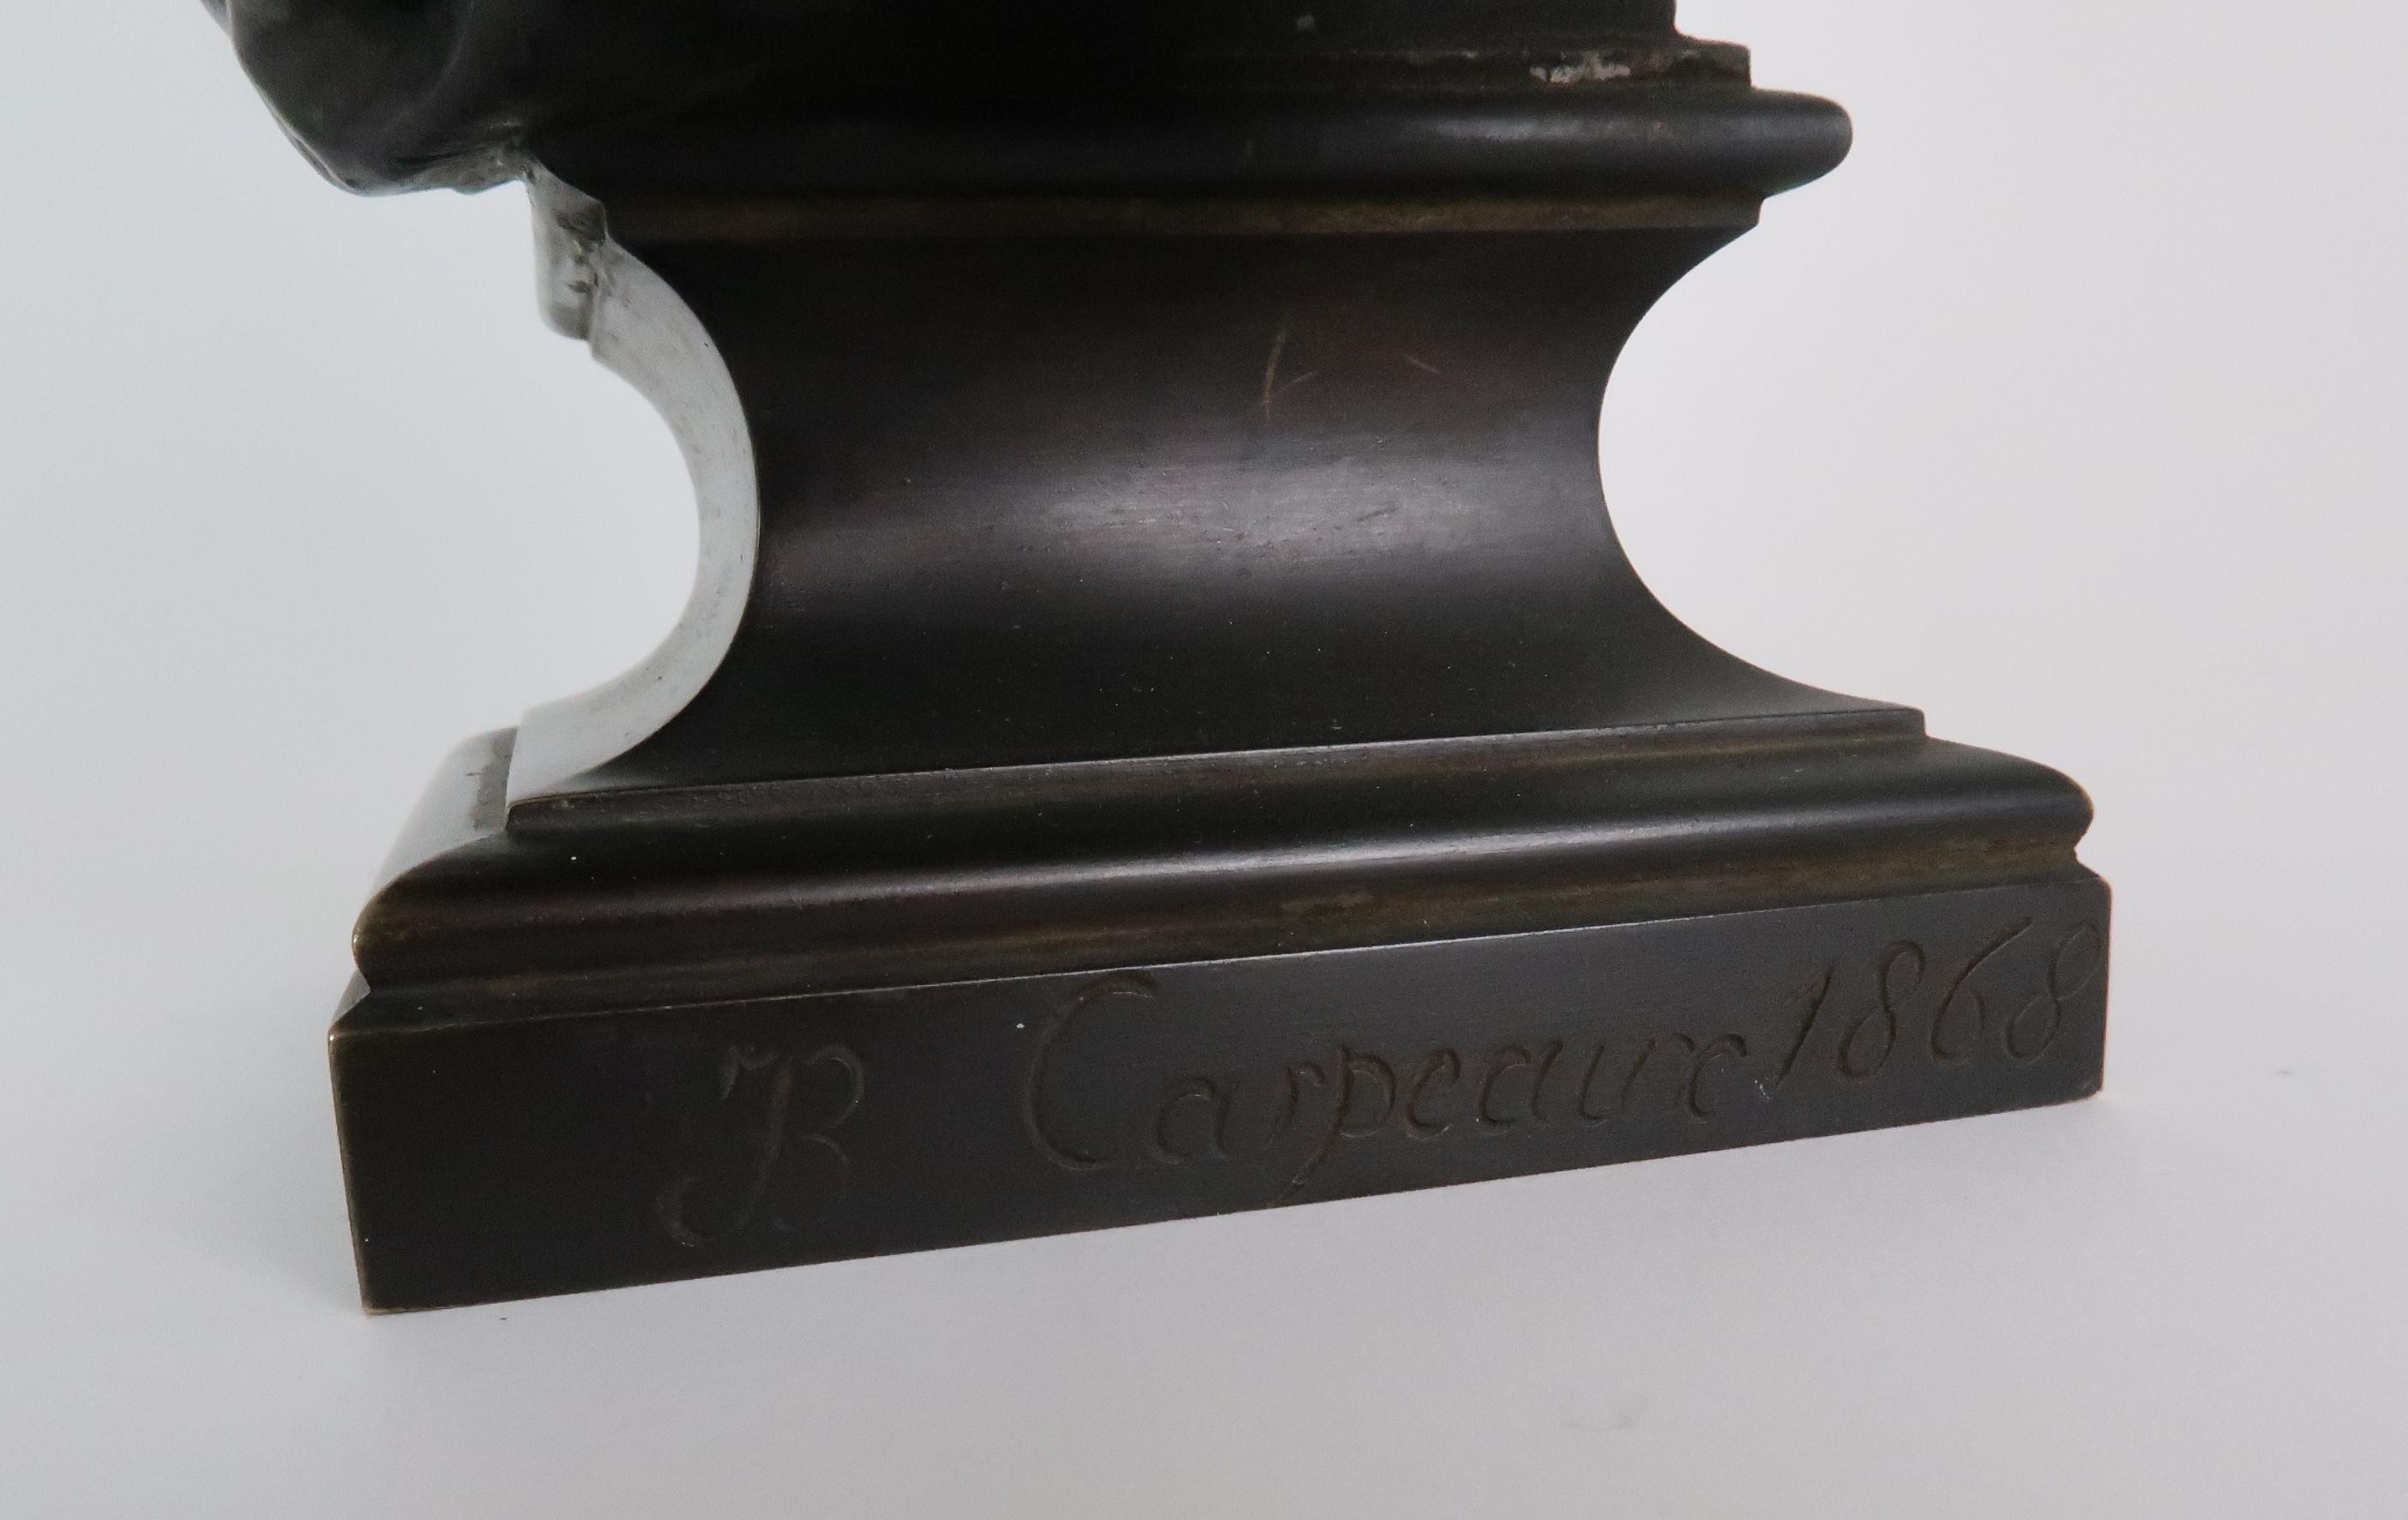 AFTER JEAN-BAPTISTE CARPEAUX (FRENCH 1827-1875) - POUR QUOINAITRE ESCLAVE a bronze bust of a - Image 6 of 7